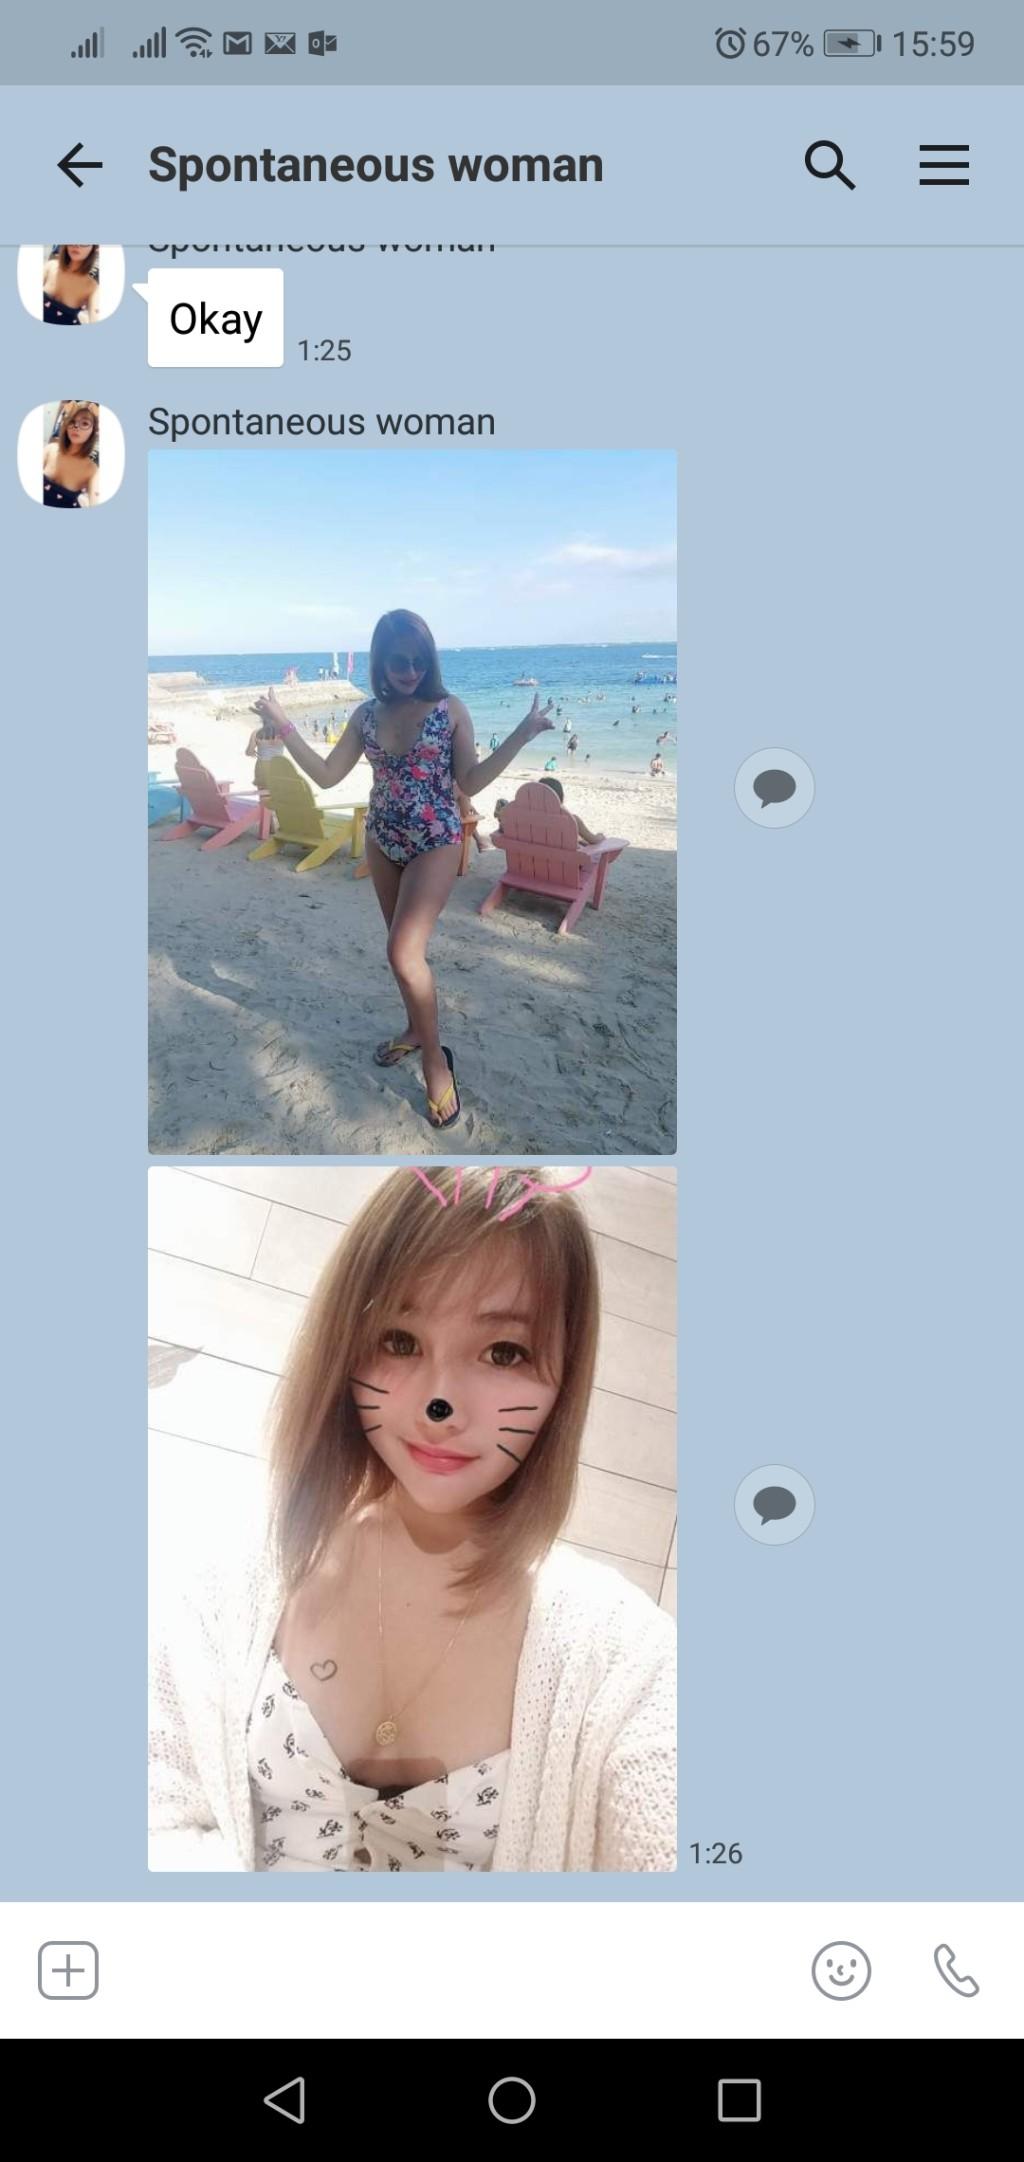 フィリピン人女性と出会い系アプリで出会えるかやってみた